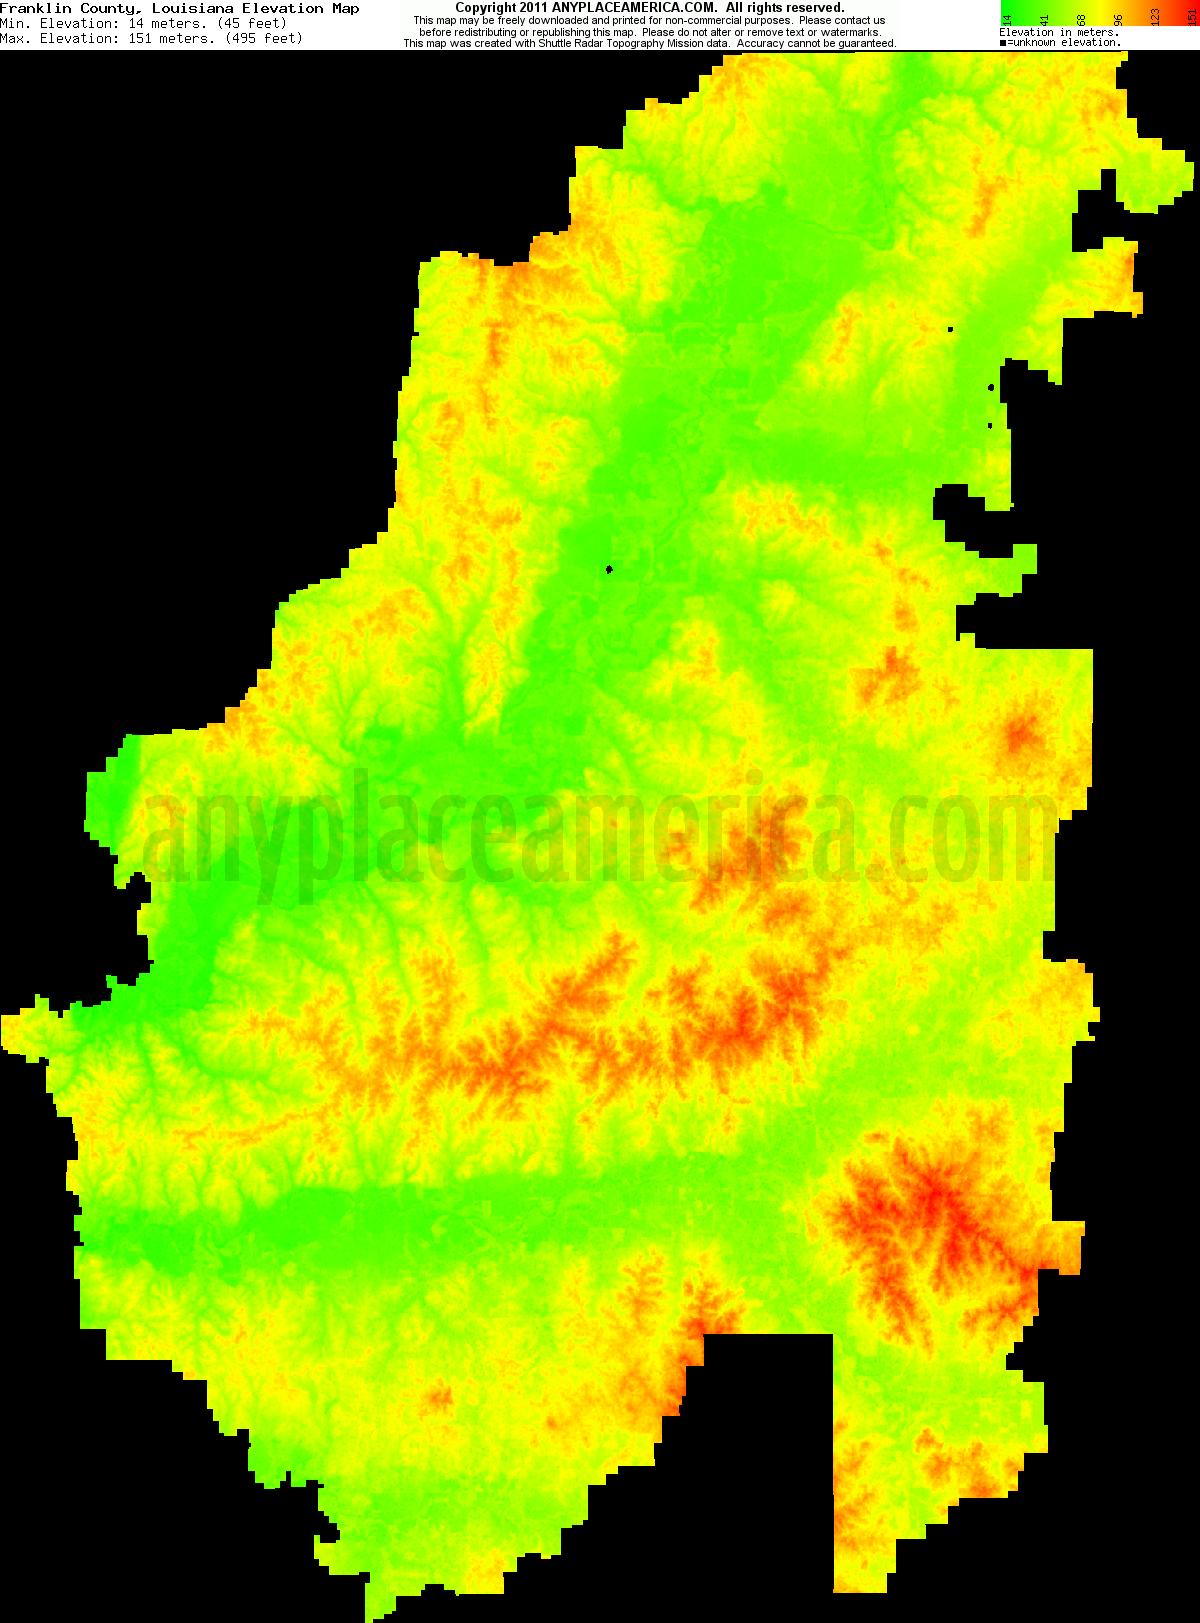 Free Franklin Parish Louisiana Topo Maps Elevations